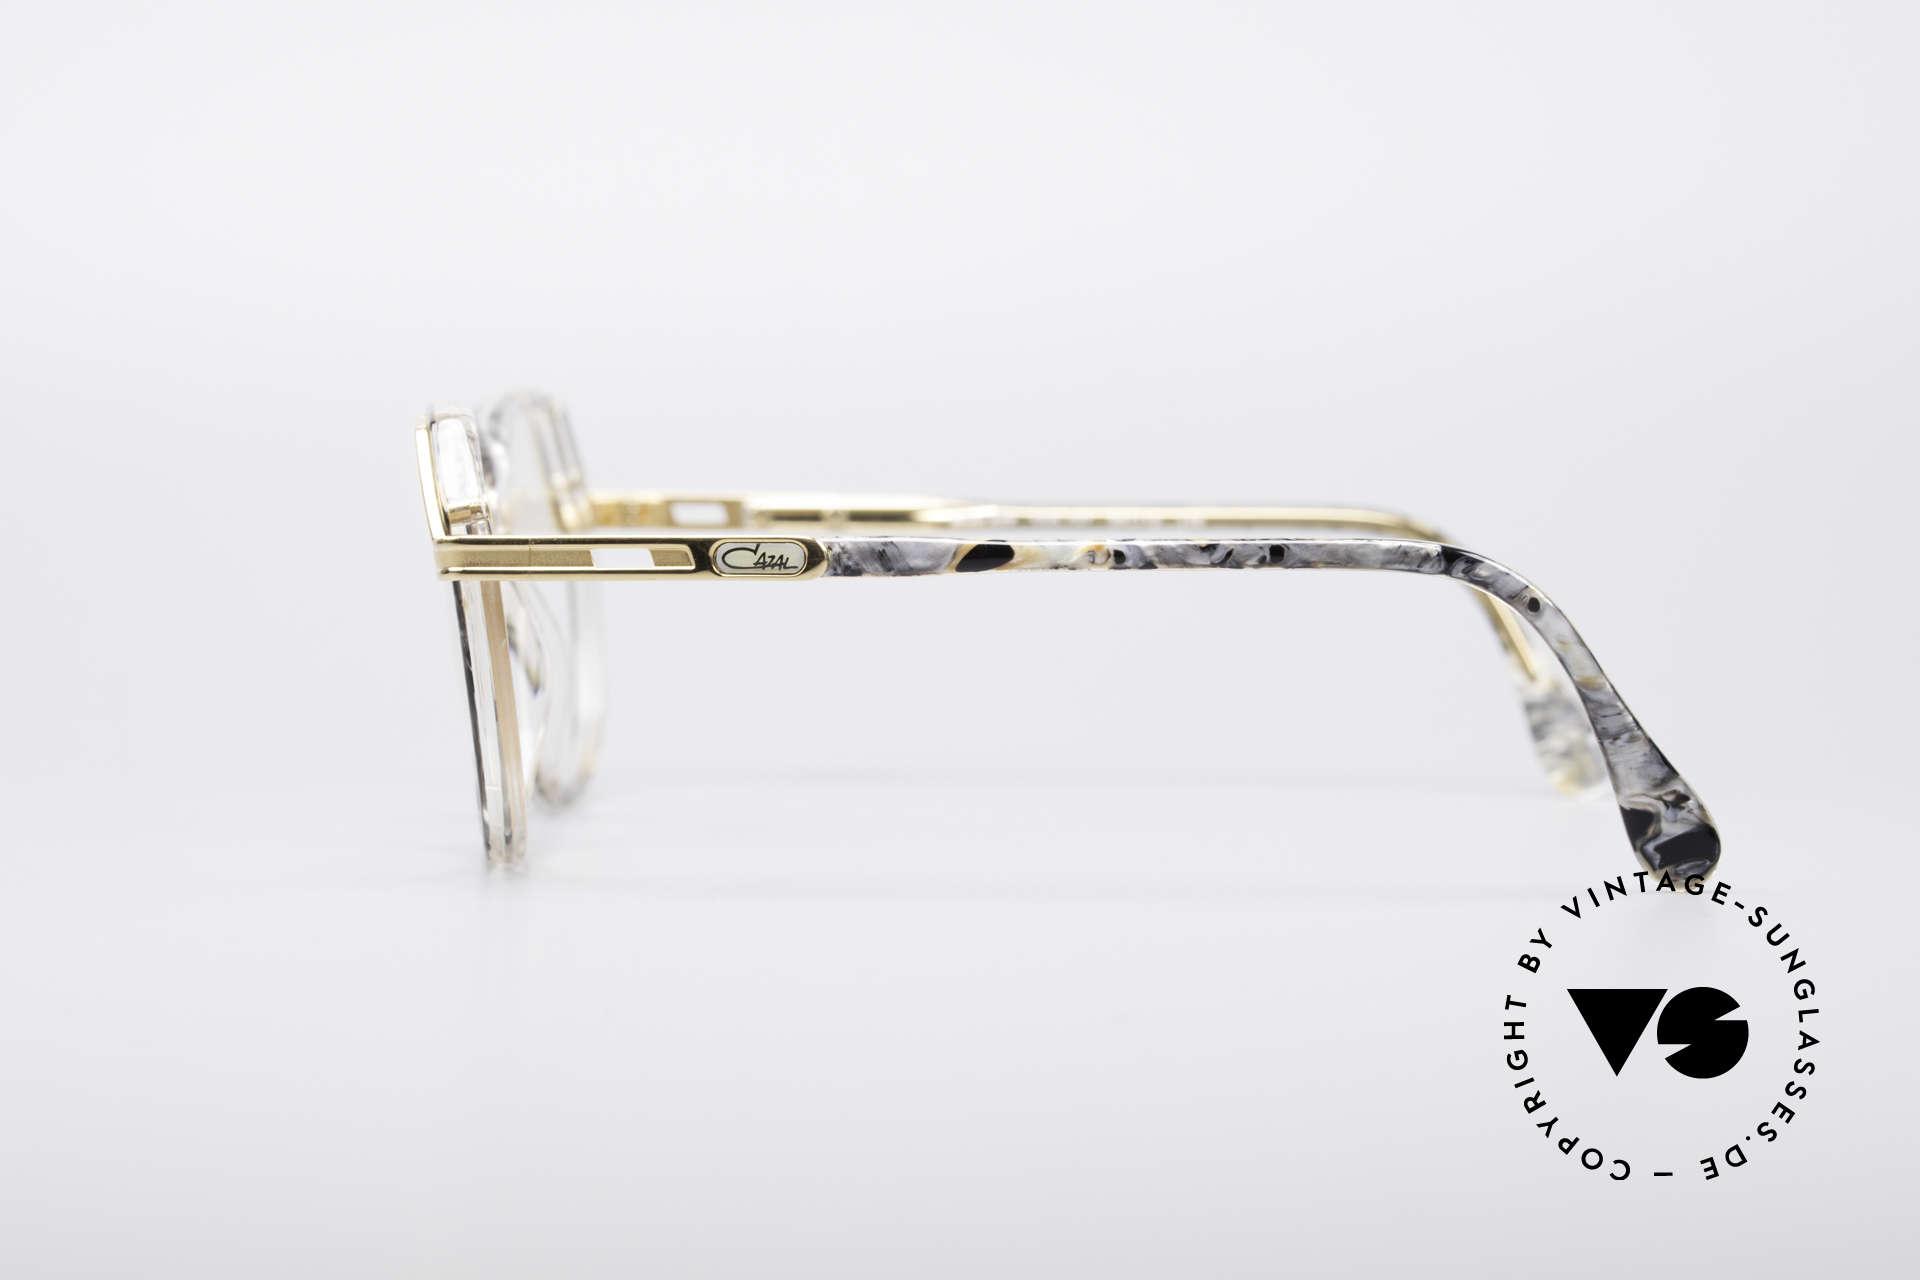 Cazal 339 No Retro 90er Vintage Brille, KEINE retro Brille, sondern ein altes Original, Passend für Damen